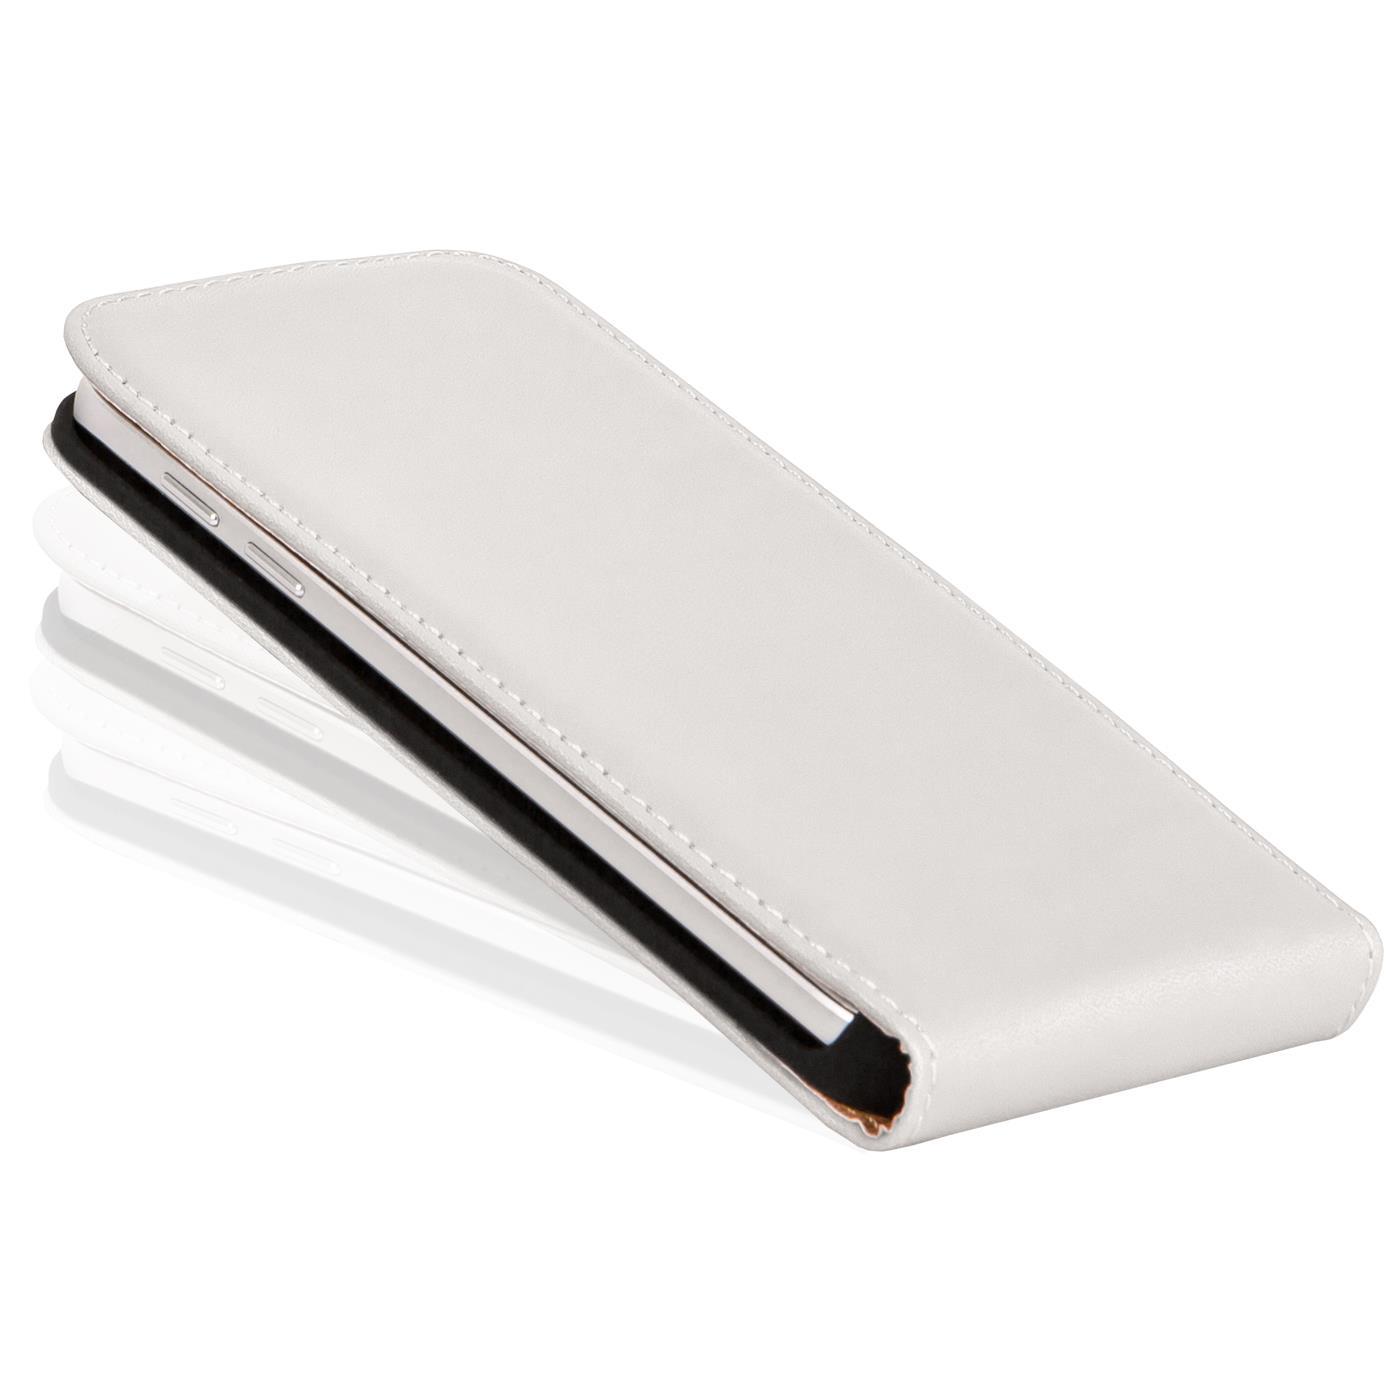 Klapphuelle-Samsung-Galaxy-Flip-Case-Tasche-Schutzhuelle-Cover-Schutz-Handy-Huelle Indexbild 35